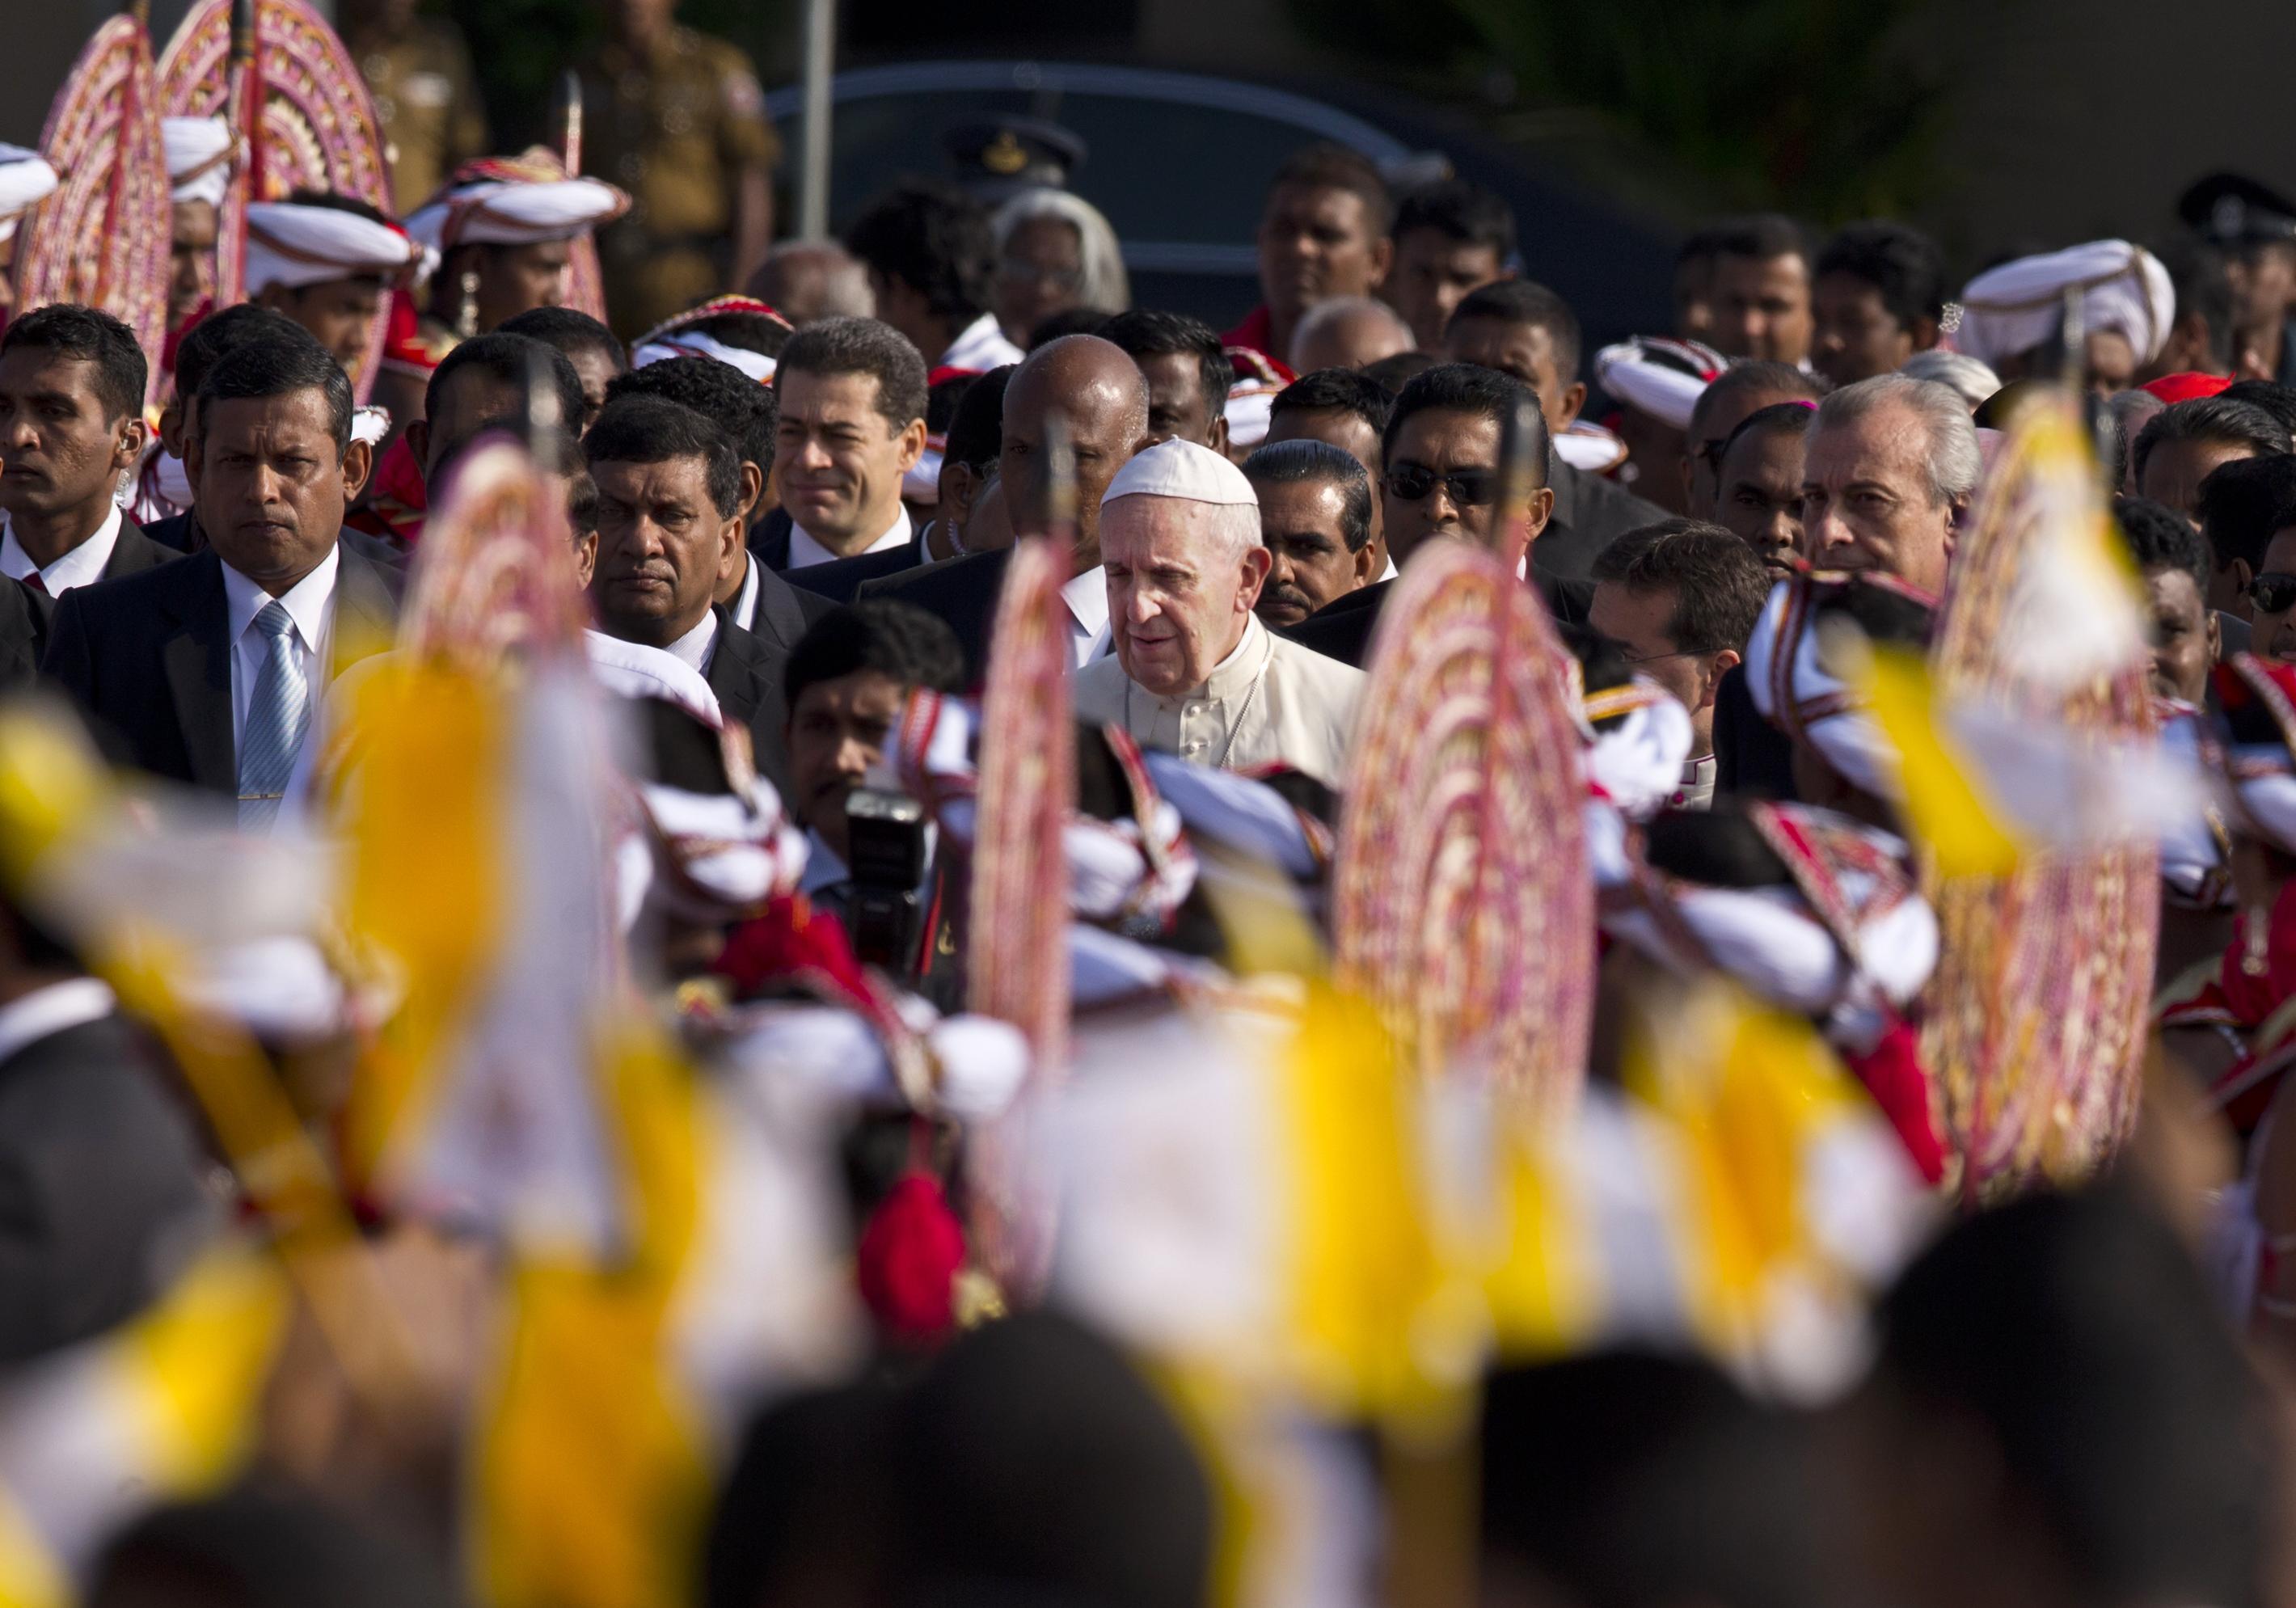 Папа Франциск в Коломбо, 2015 год / The Conversation / AP